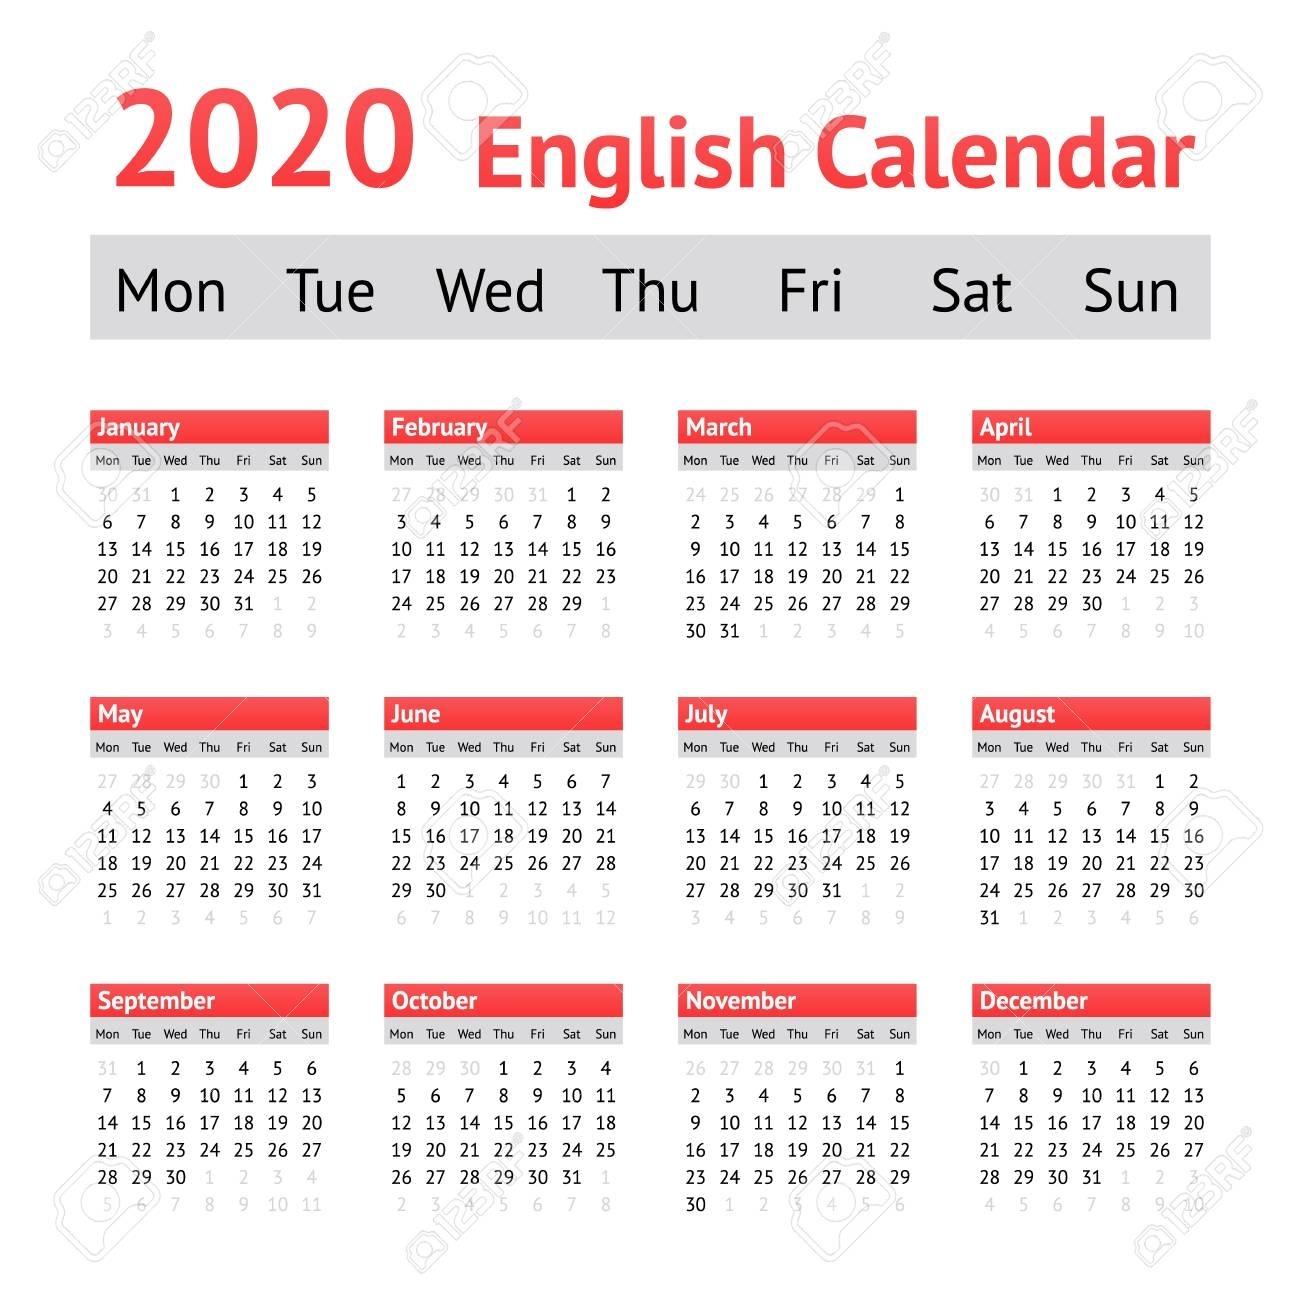 Calendarweek 2020 - Cerno.mioduchowski